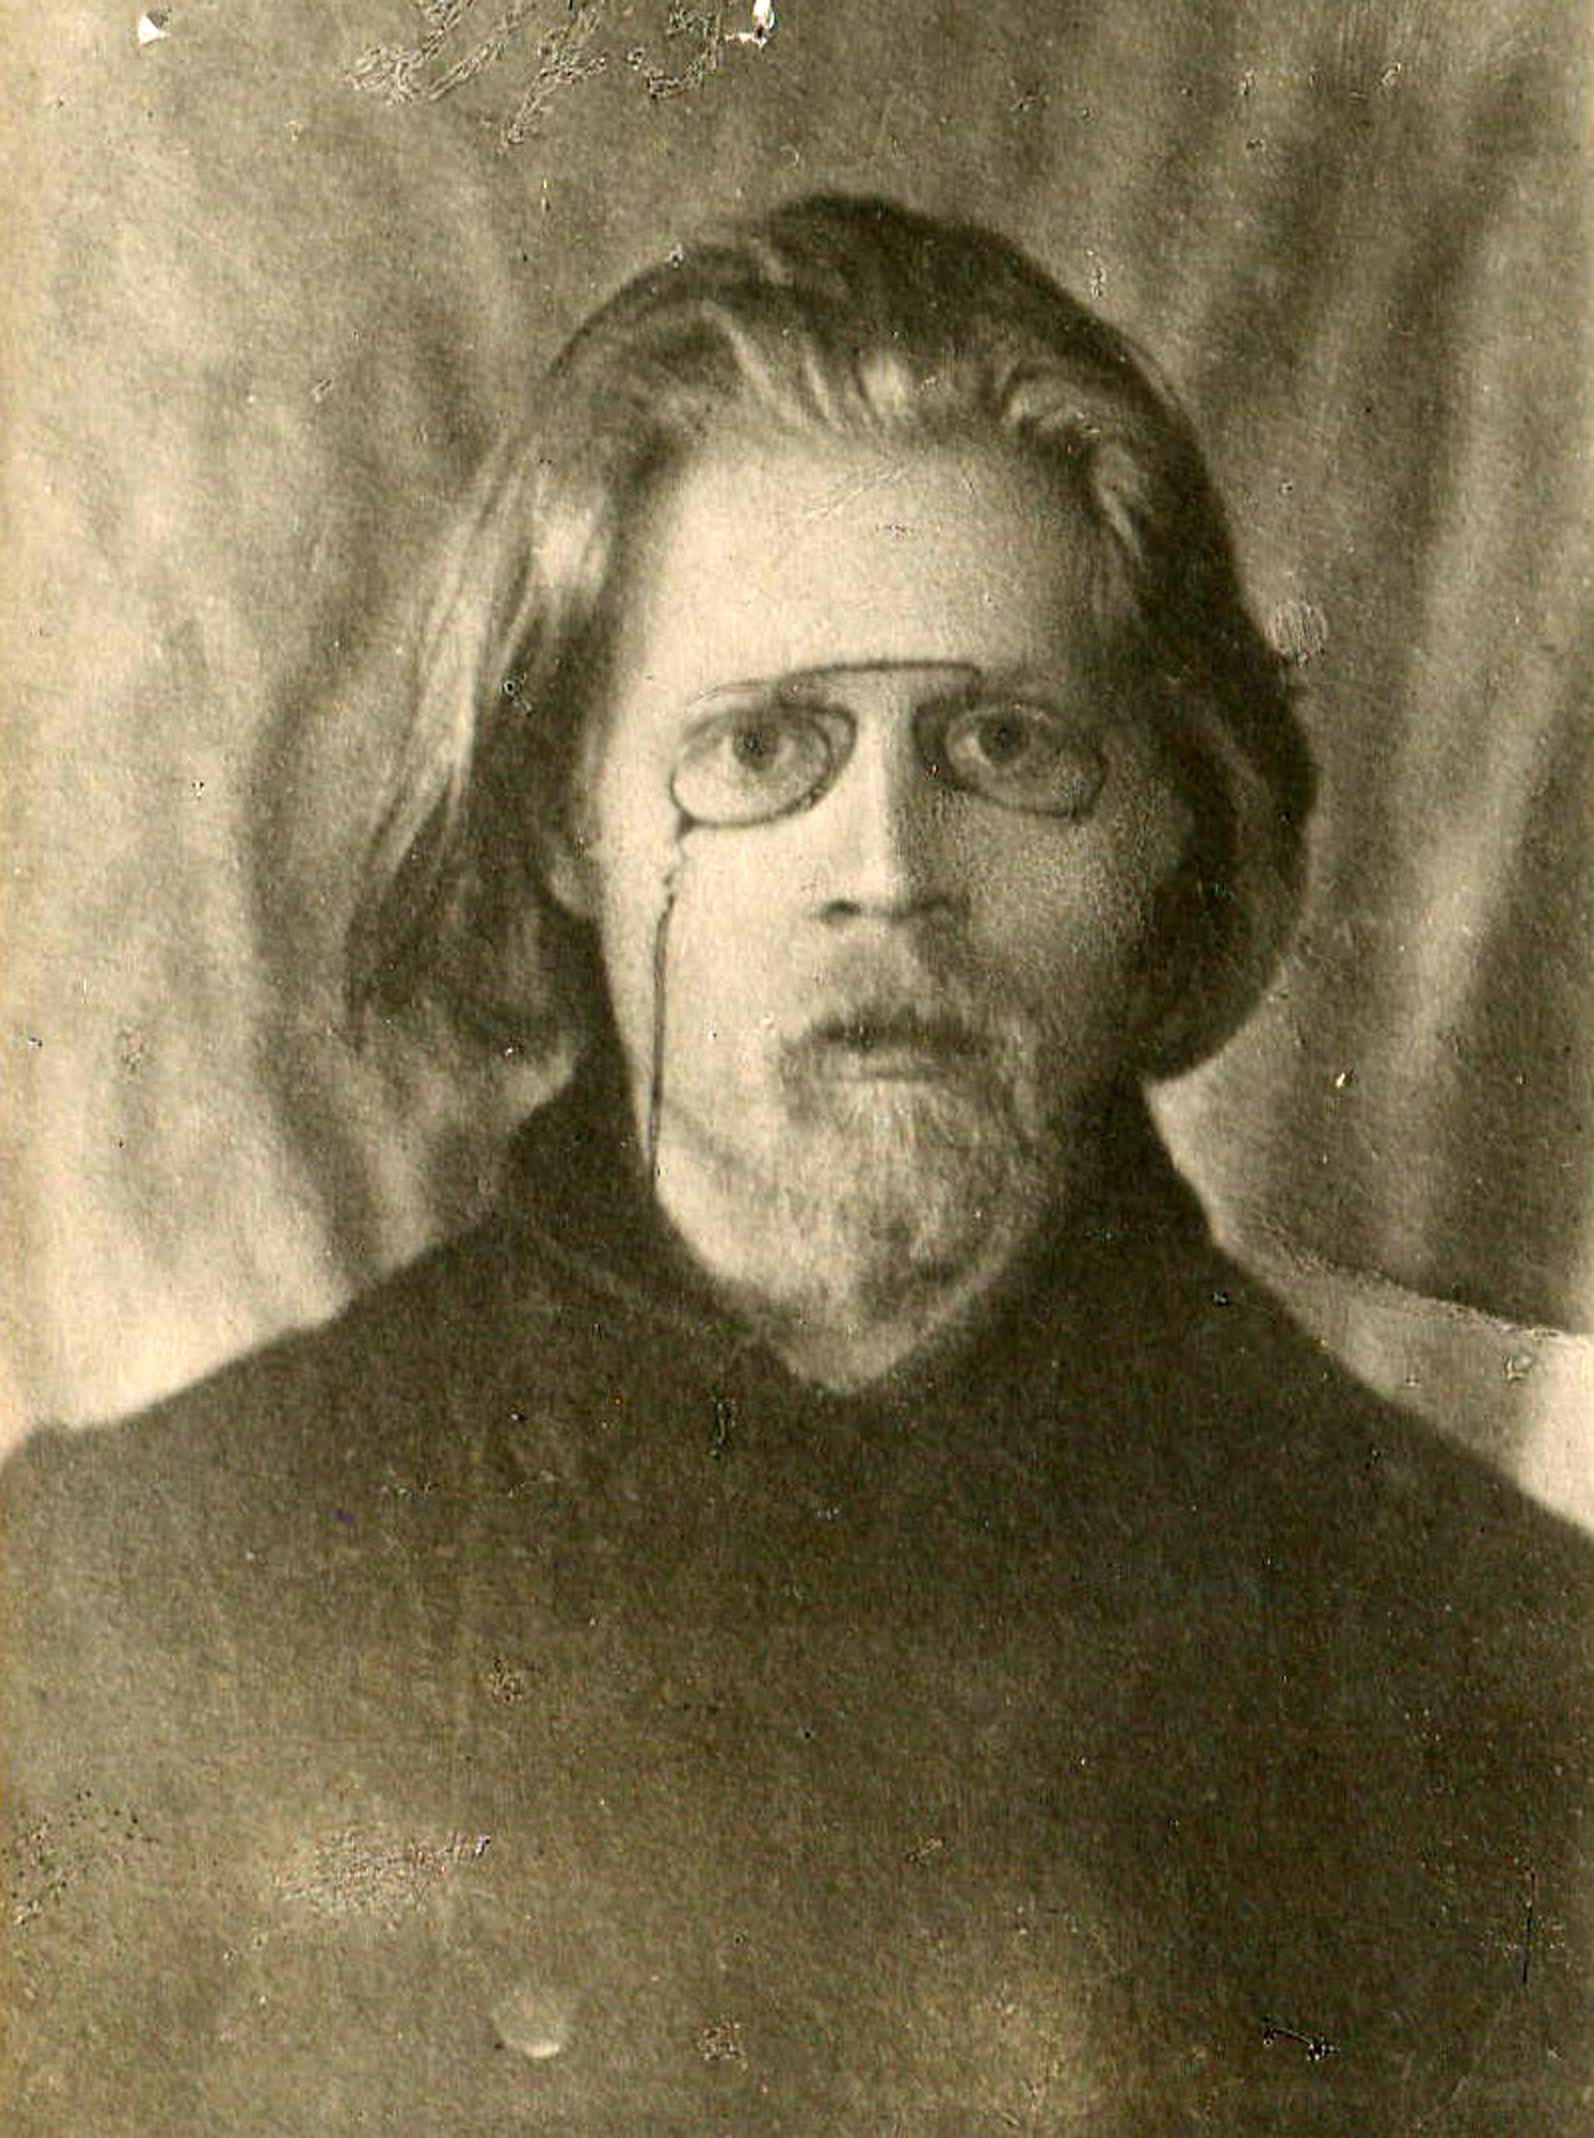 Семенов Матвей Иванович, марксист